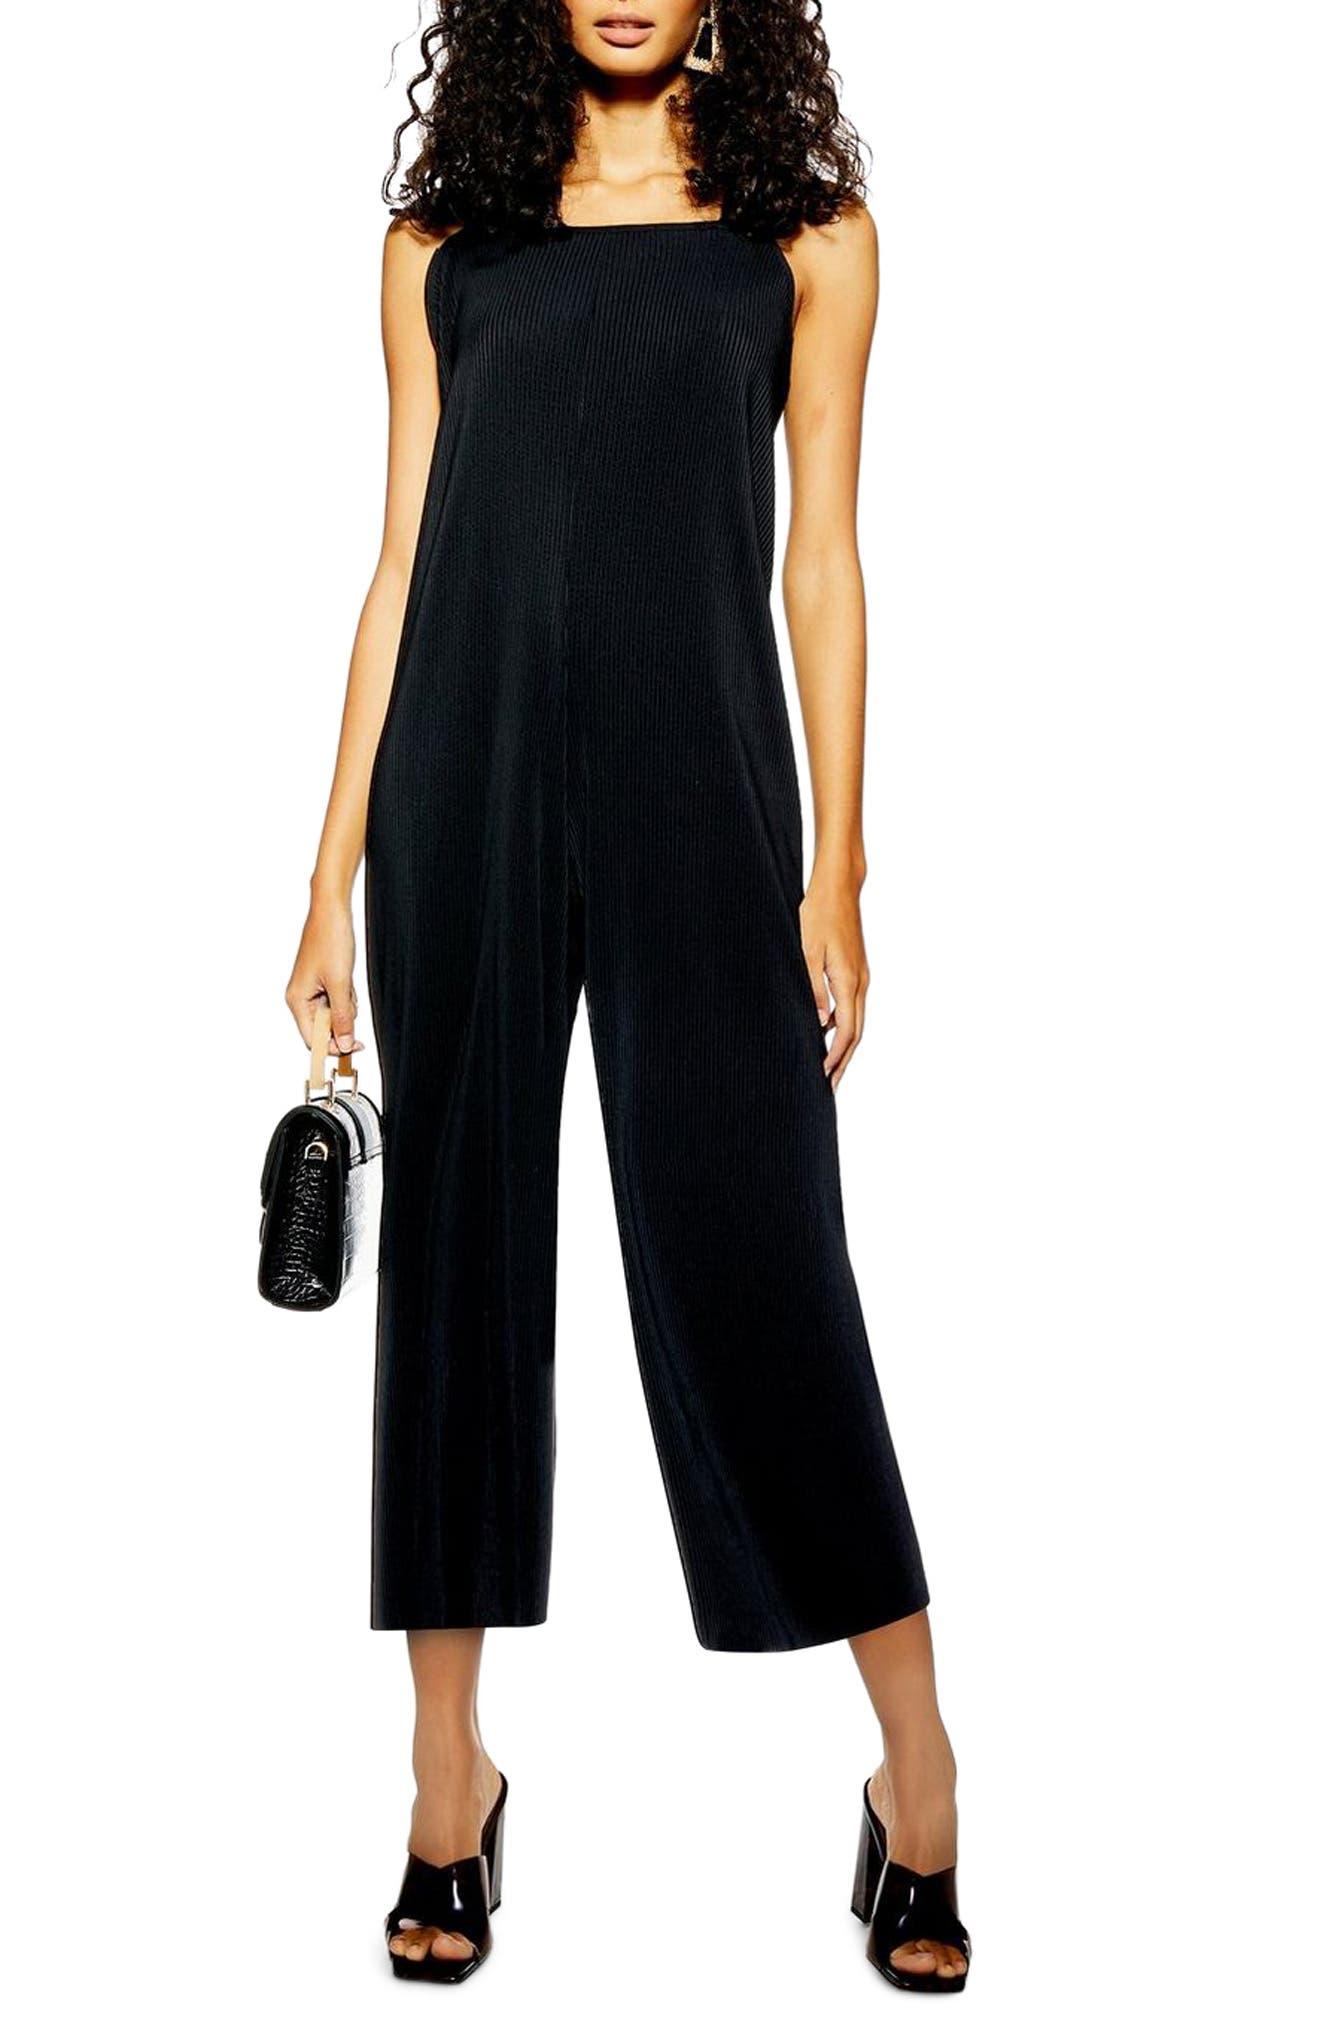 TOPSHOP, Tie Shoulder Crop Jumpsuit, Main thumbnail 1, color, BLACK